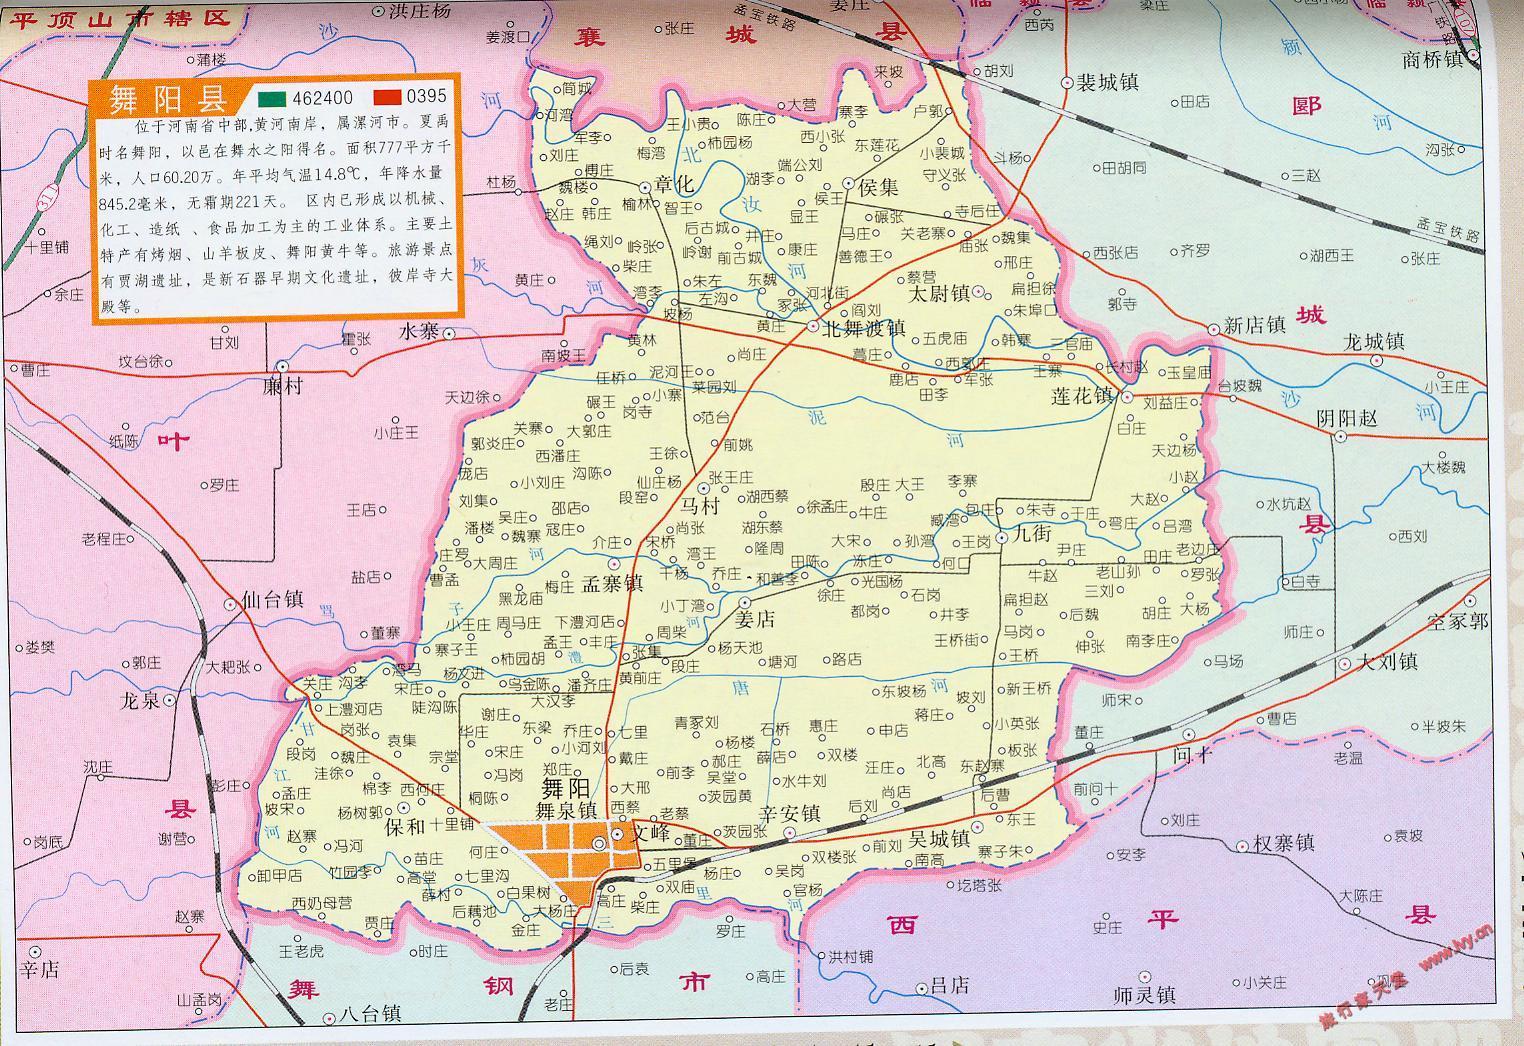 舞阳县地图_漯河市地图查询